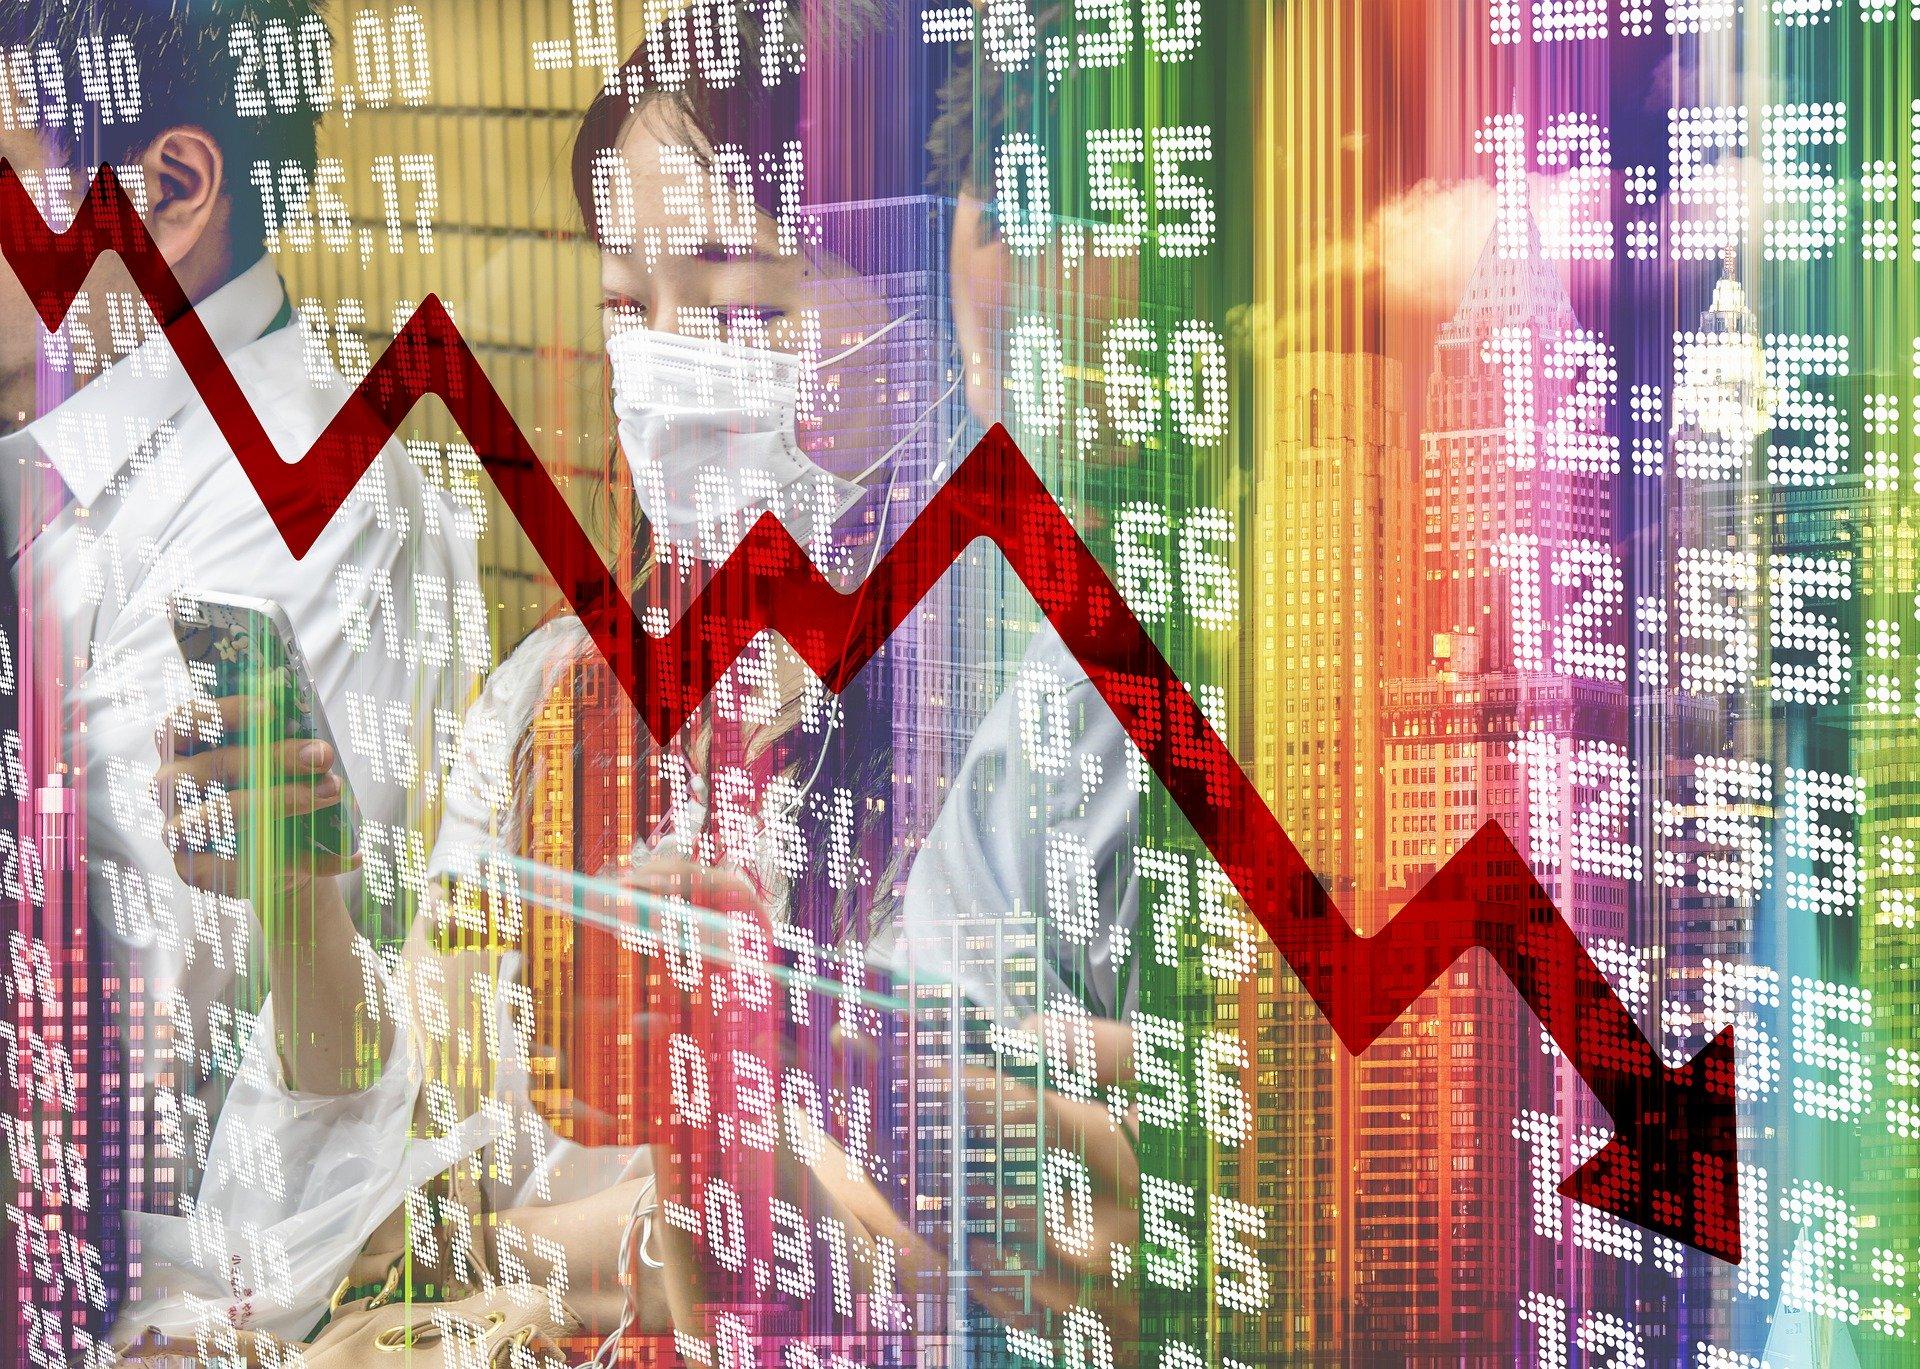 Medidas Económicas y Fiscales Covid-19 (19 de marzo)